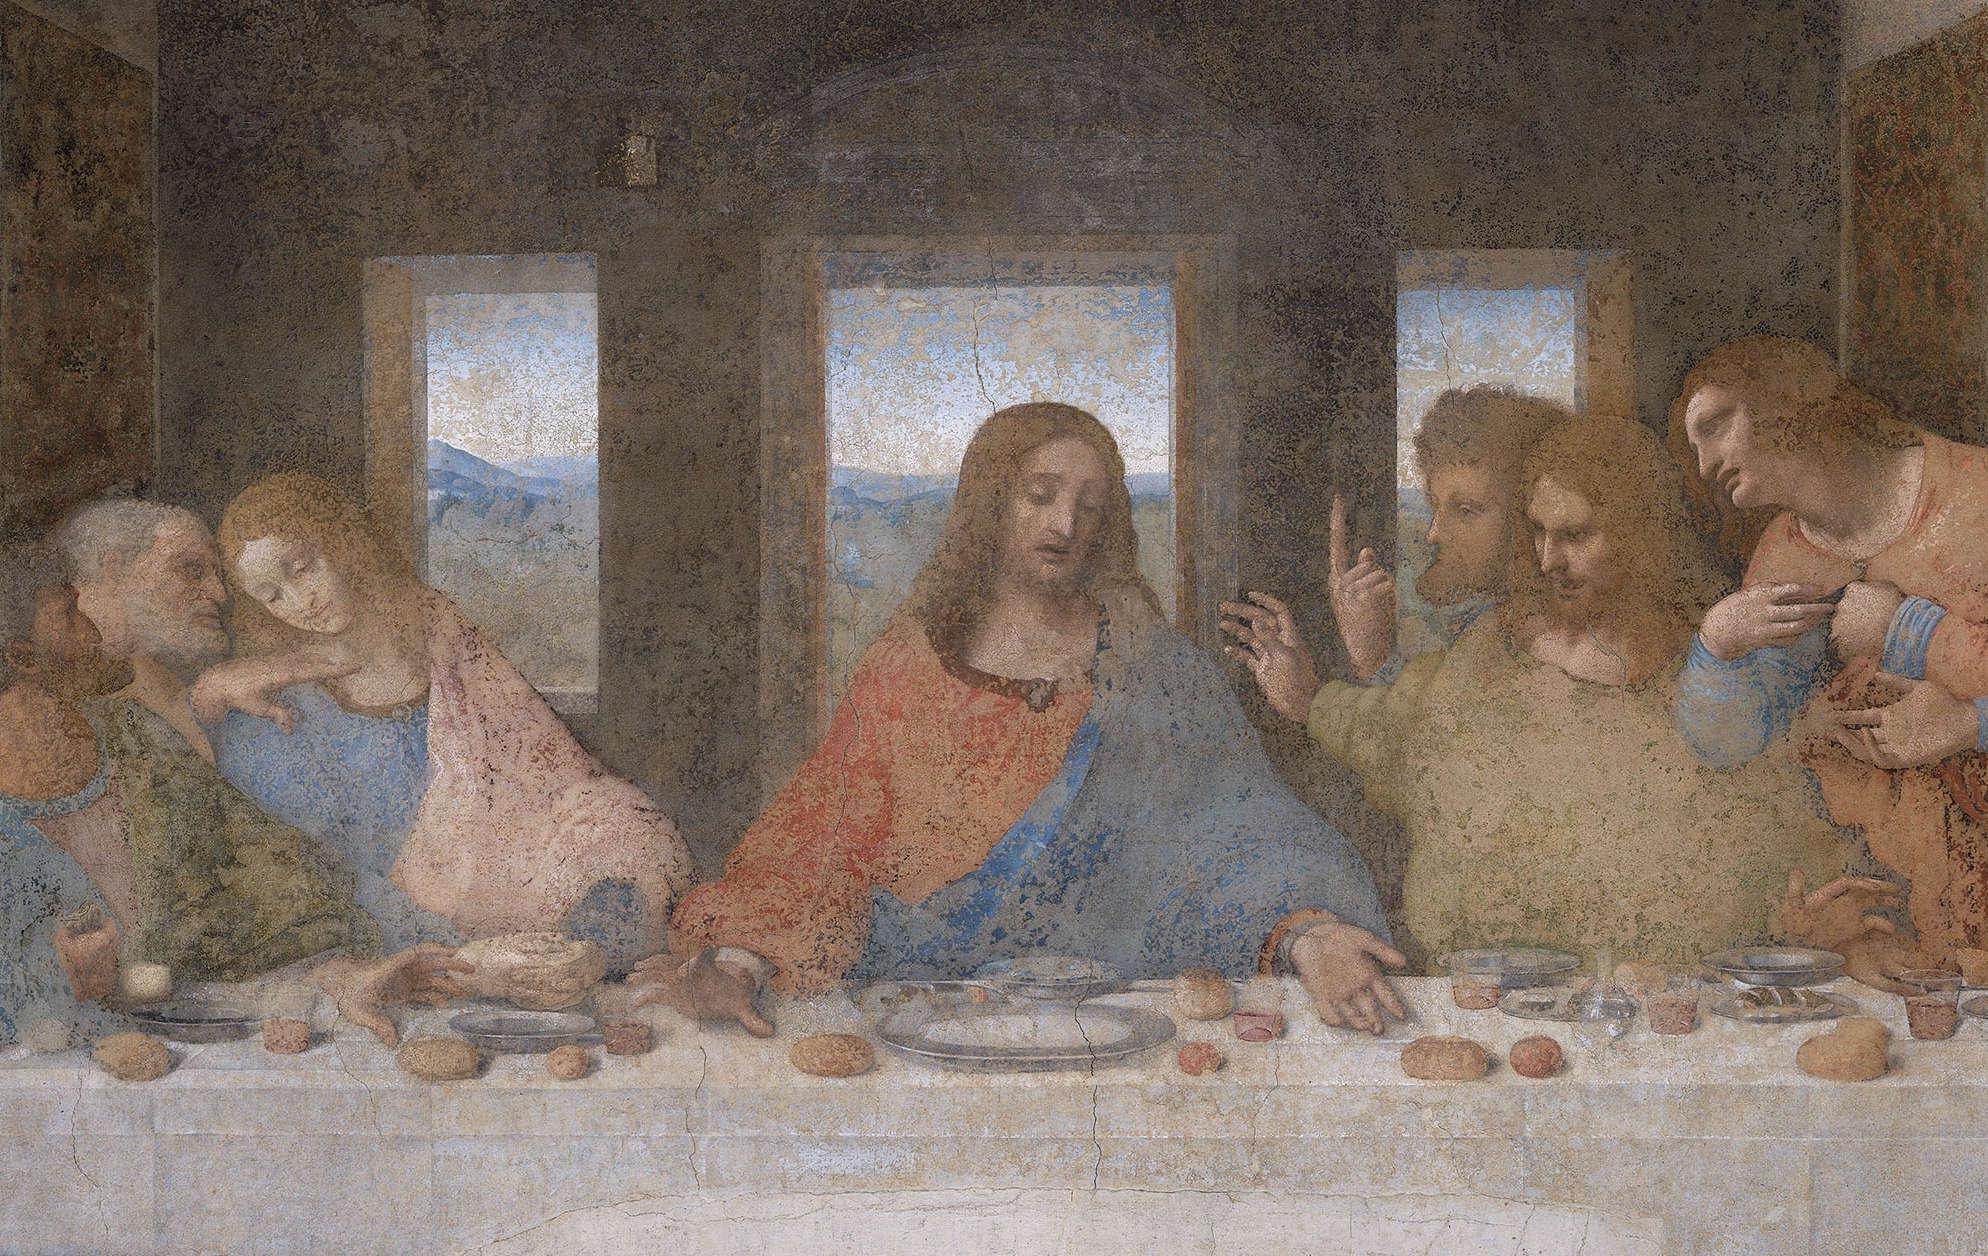 Leonardo da Vinci, Das Abendmahl: Christus, um 1494–1498, Tempera und Öl auf Mörtel, 460 x 880 cm (Refektorium von Santa Maria delle Grazie, Mailand)